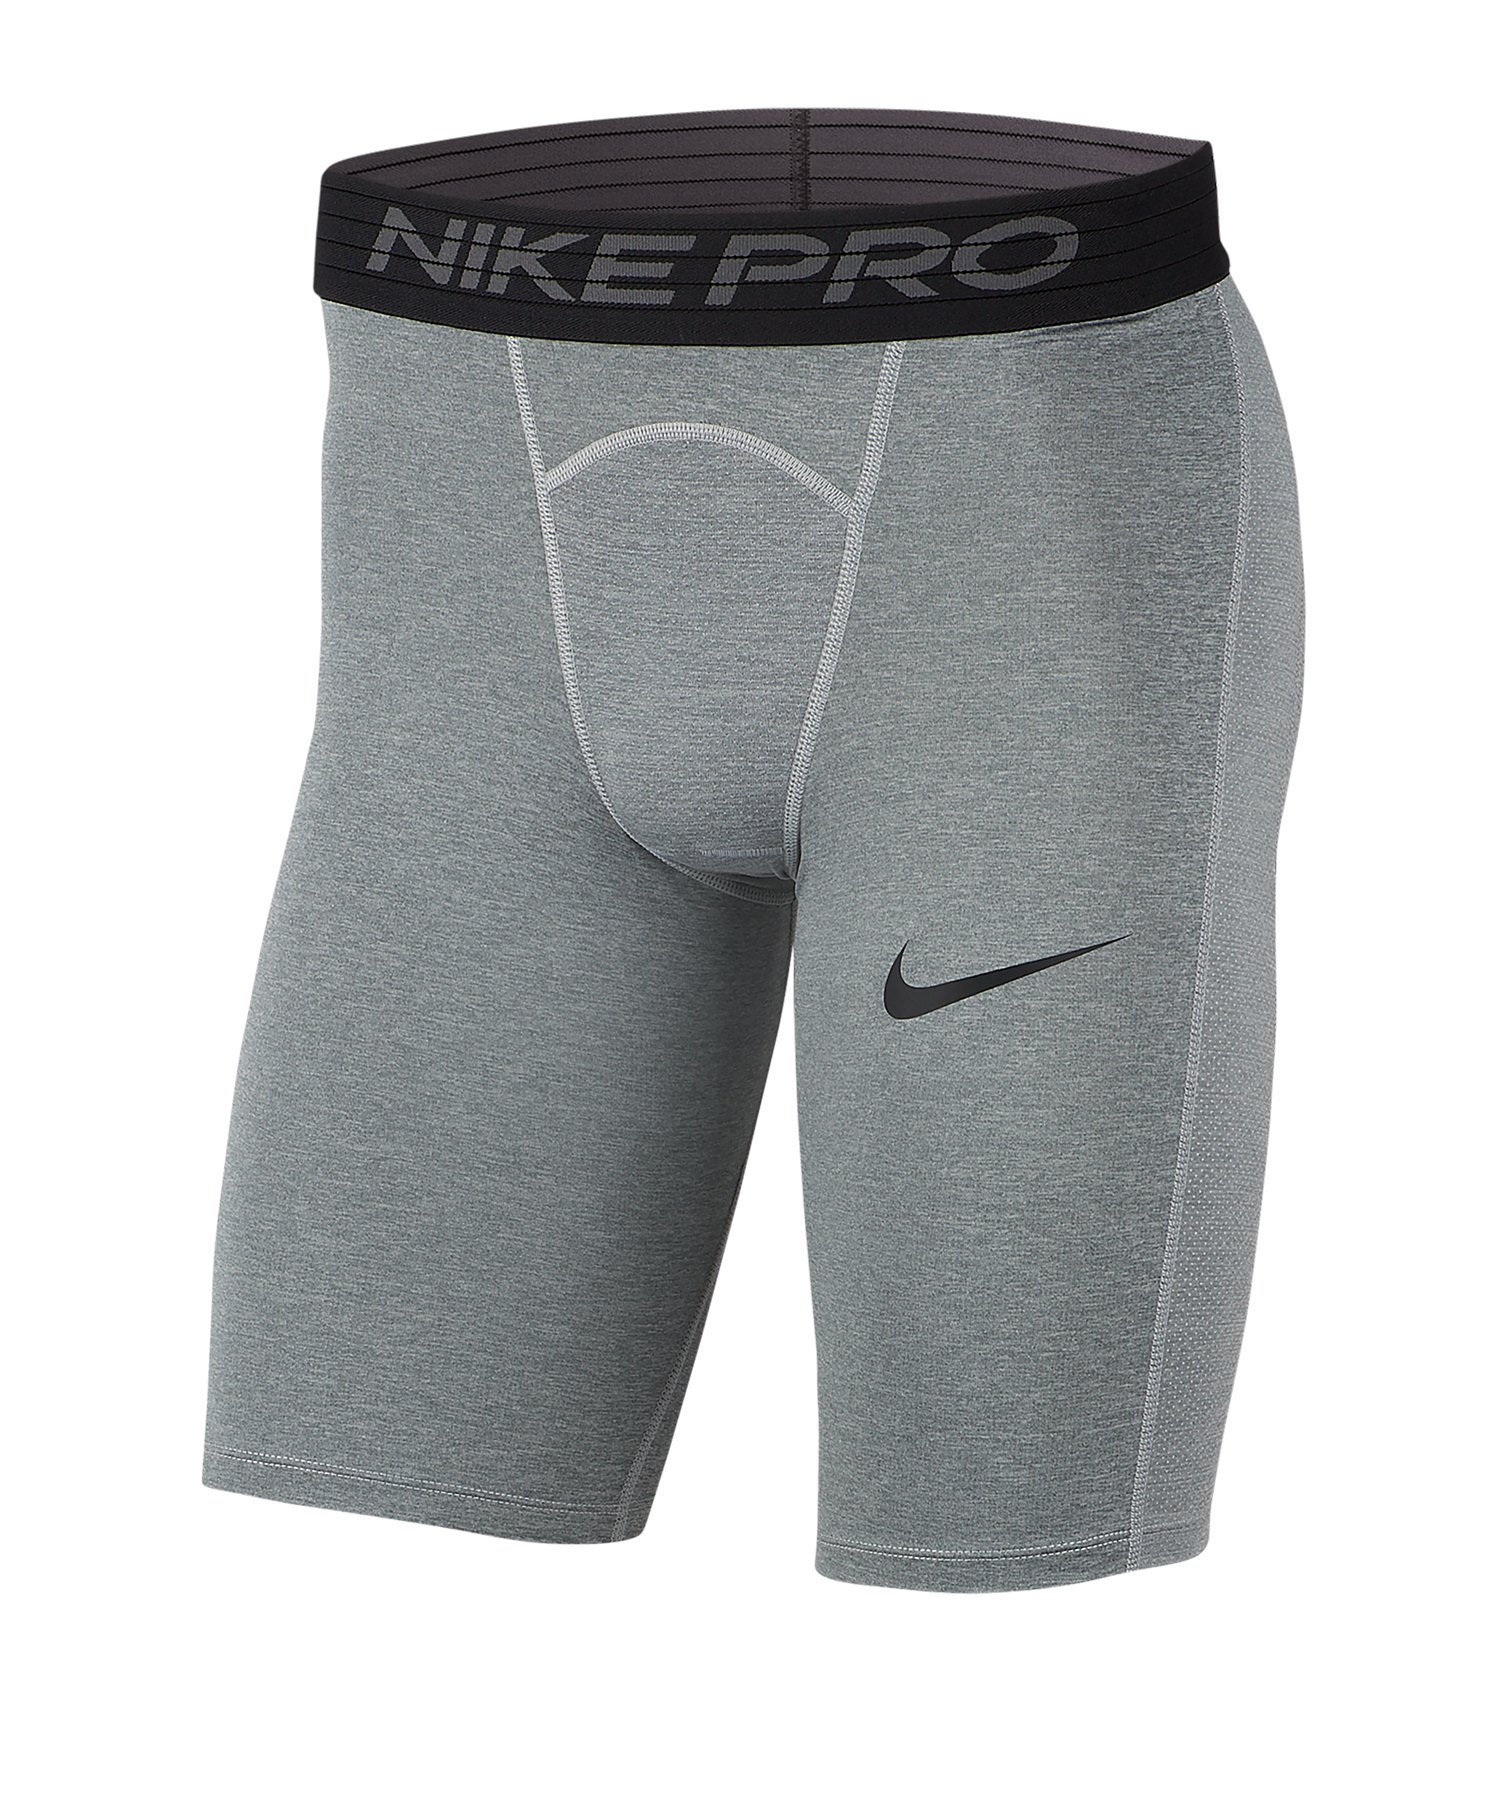 Nike Pro Shorts Grau F085 - grau